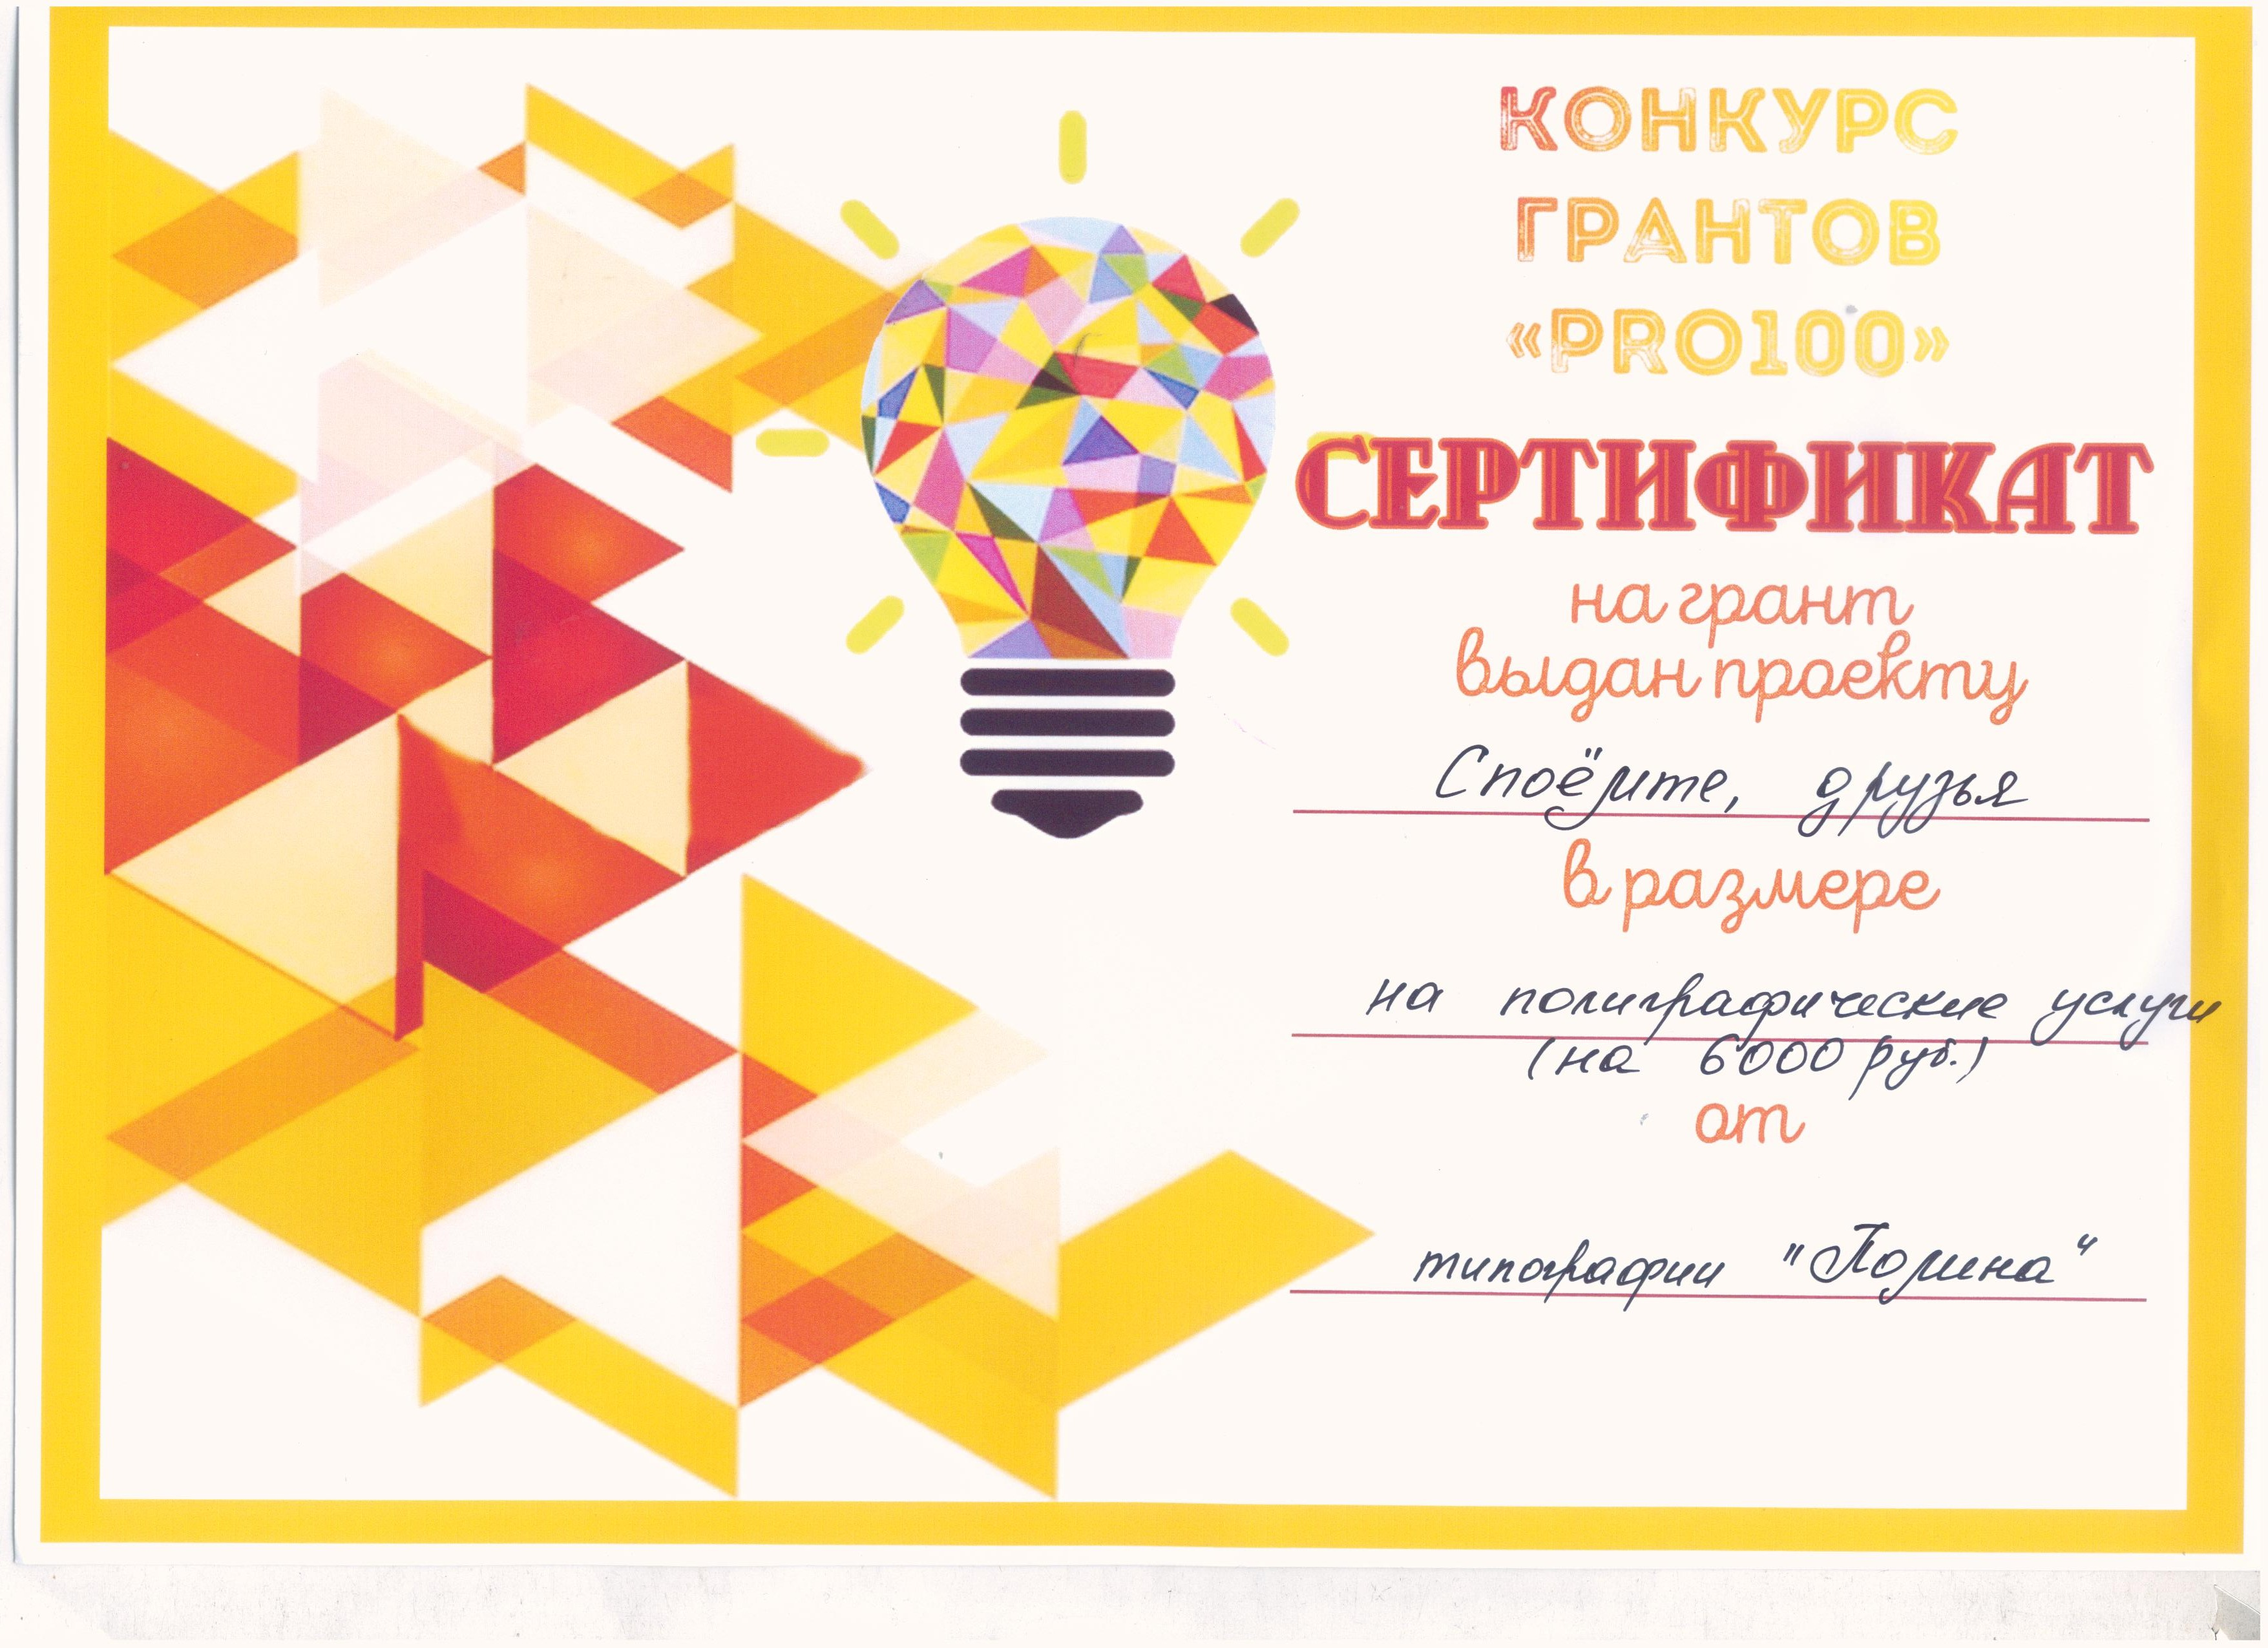 Все конкурсы проекты гранты